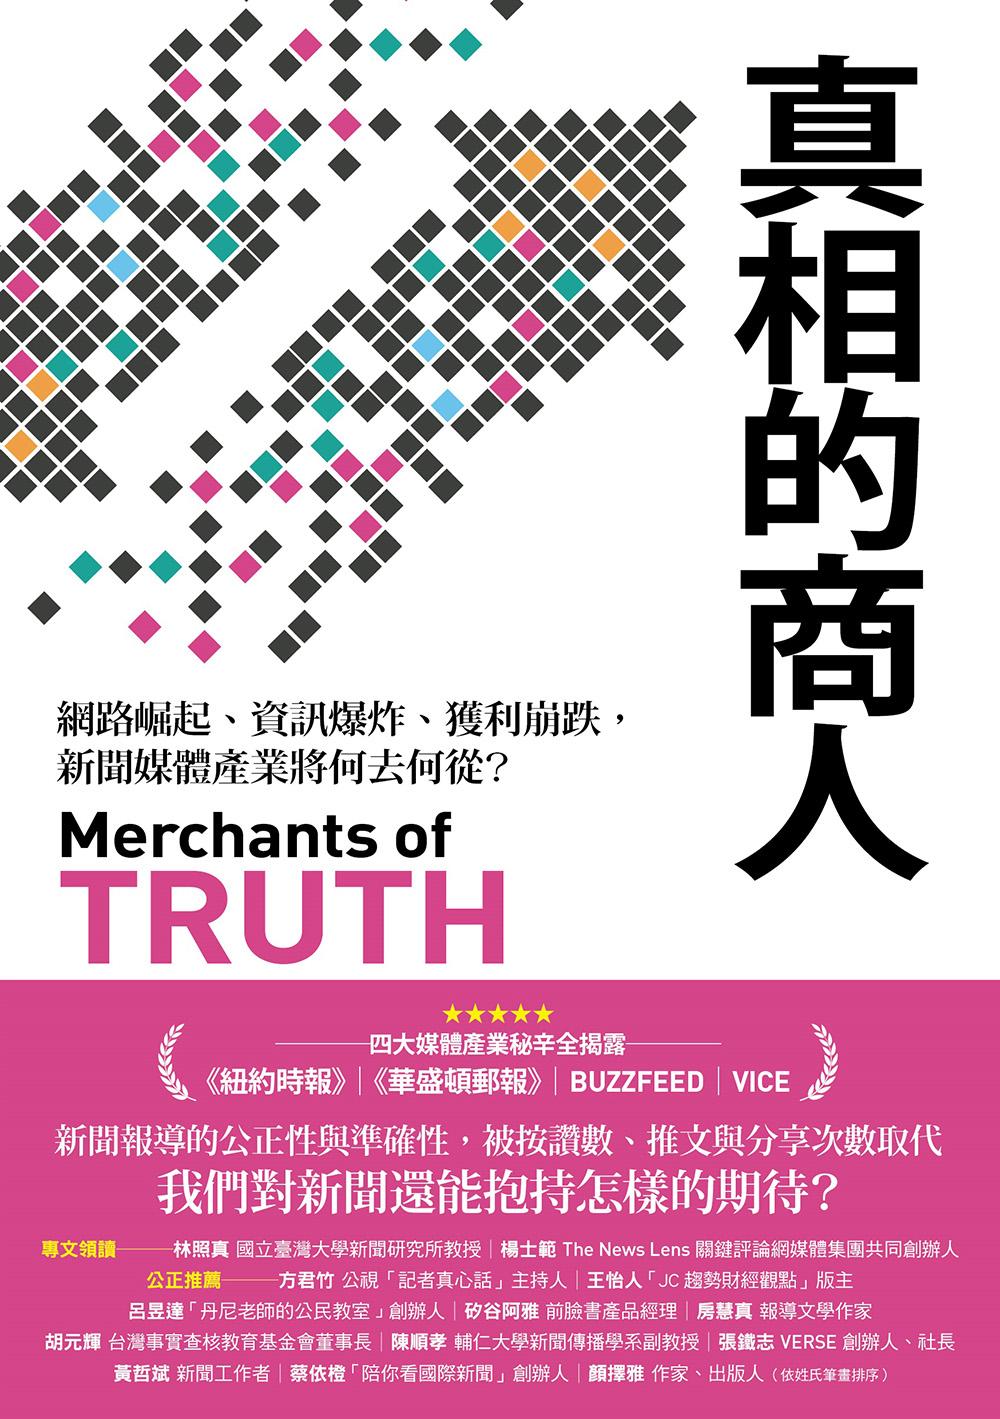 真相的商人:網路崛起、資訊爆炸、獲利崩跌,新聞媒體產業將何去何從? (電子書)